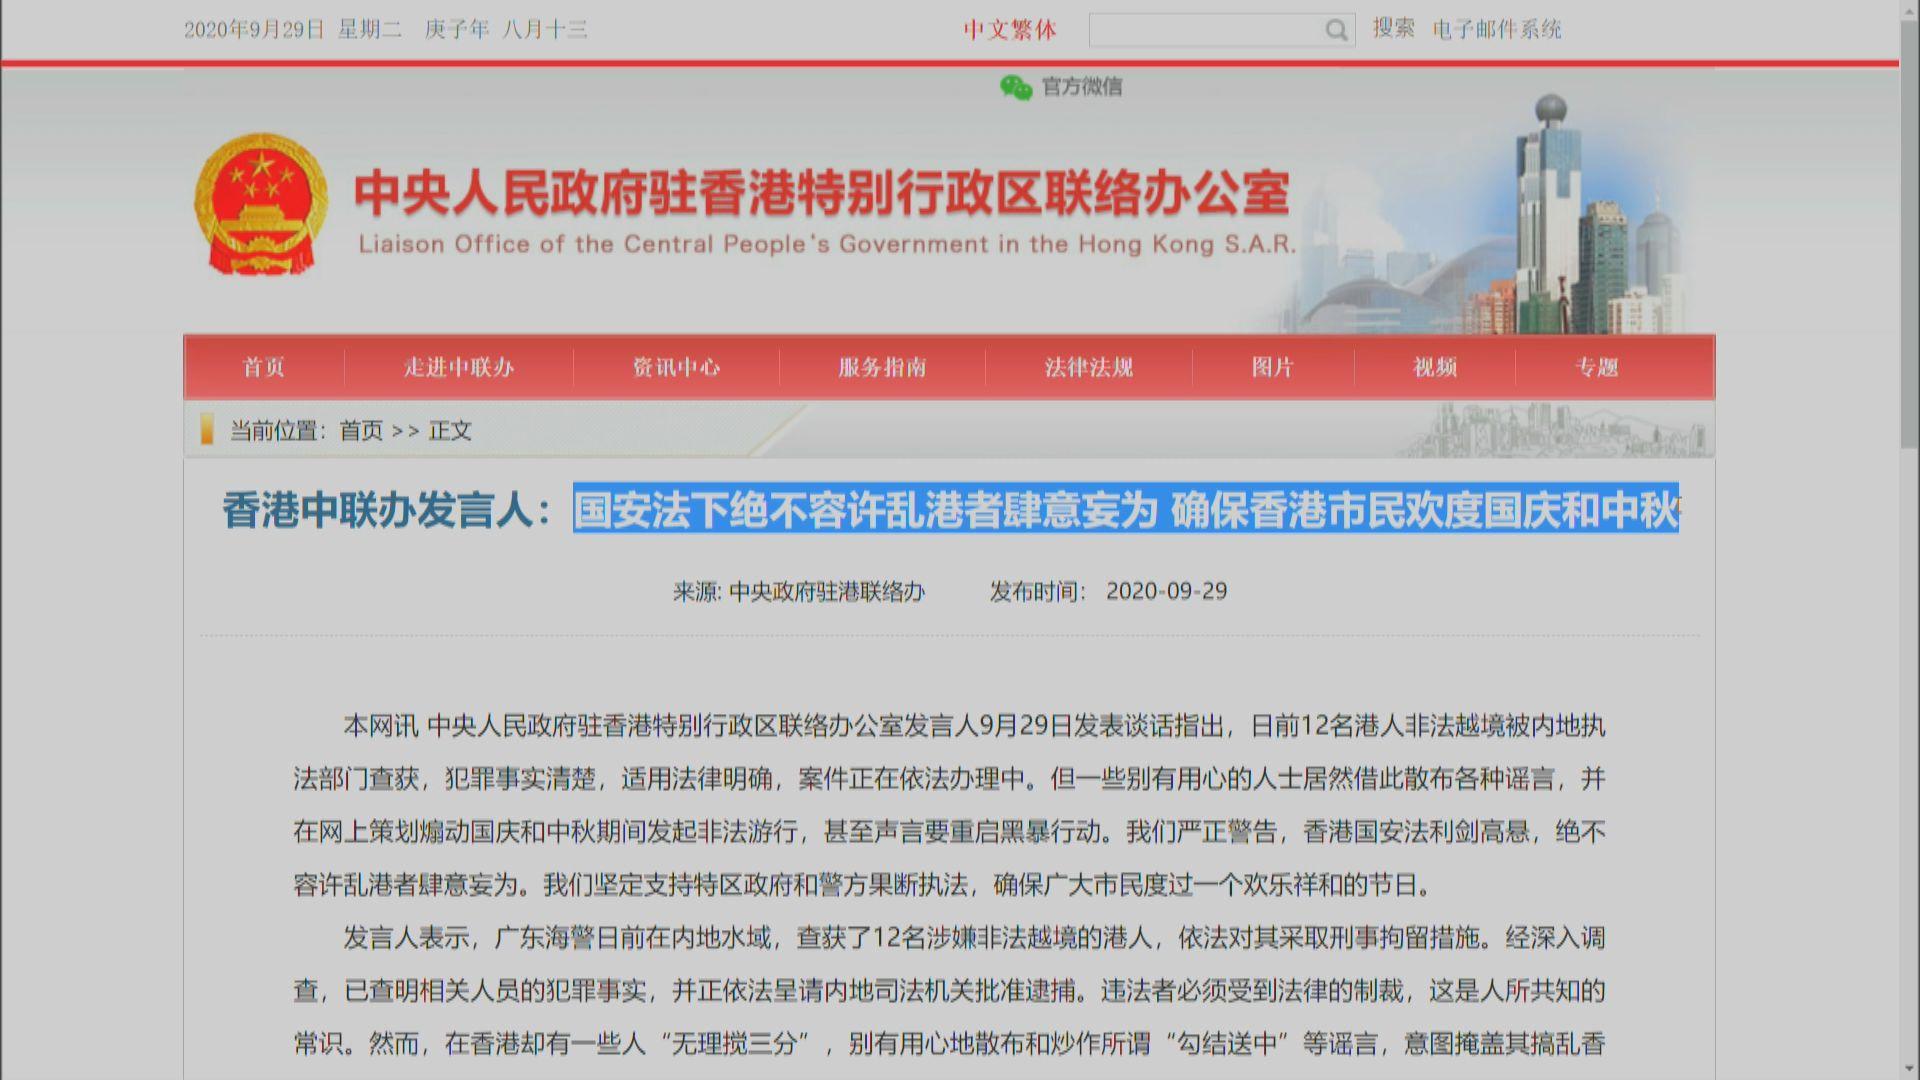 中聯辦批激進分子挑釁國安法 支持政府及警方果斷執法